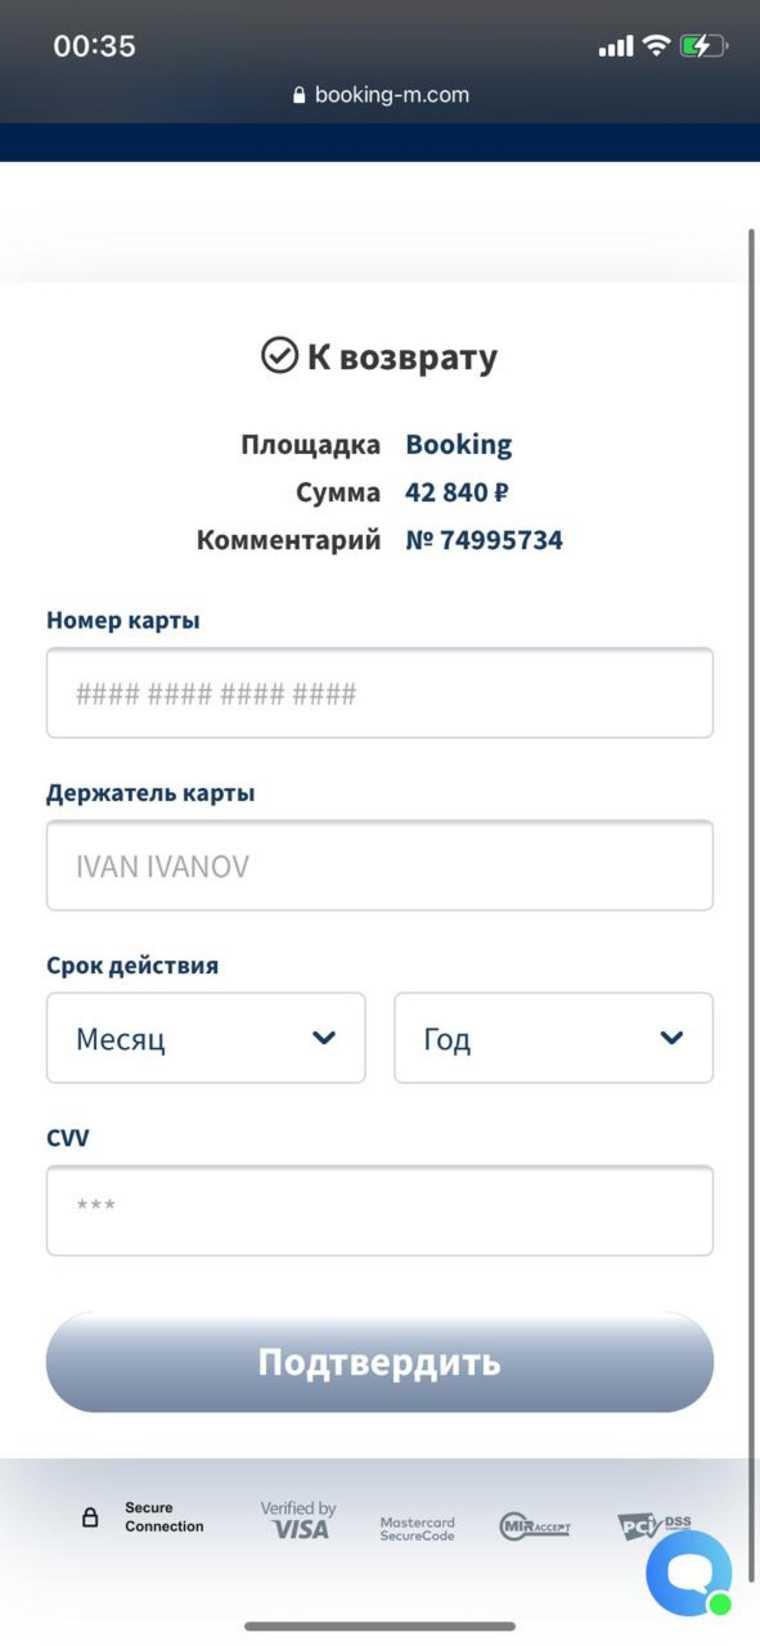 Мошенники для новой схемы обмана стали использовать booking.com